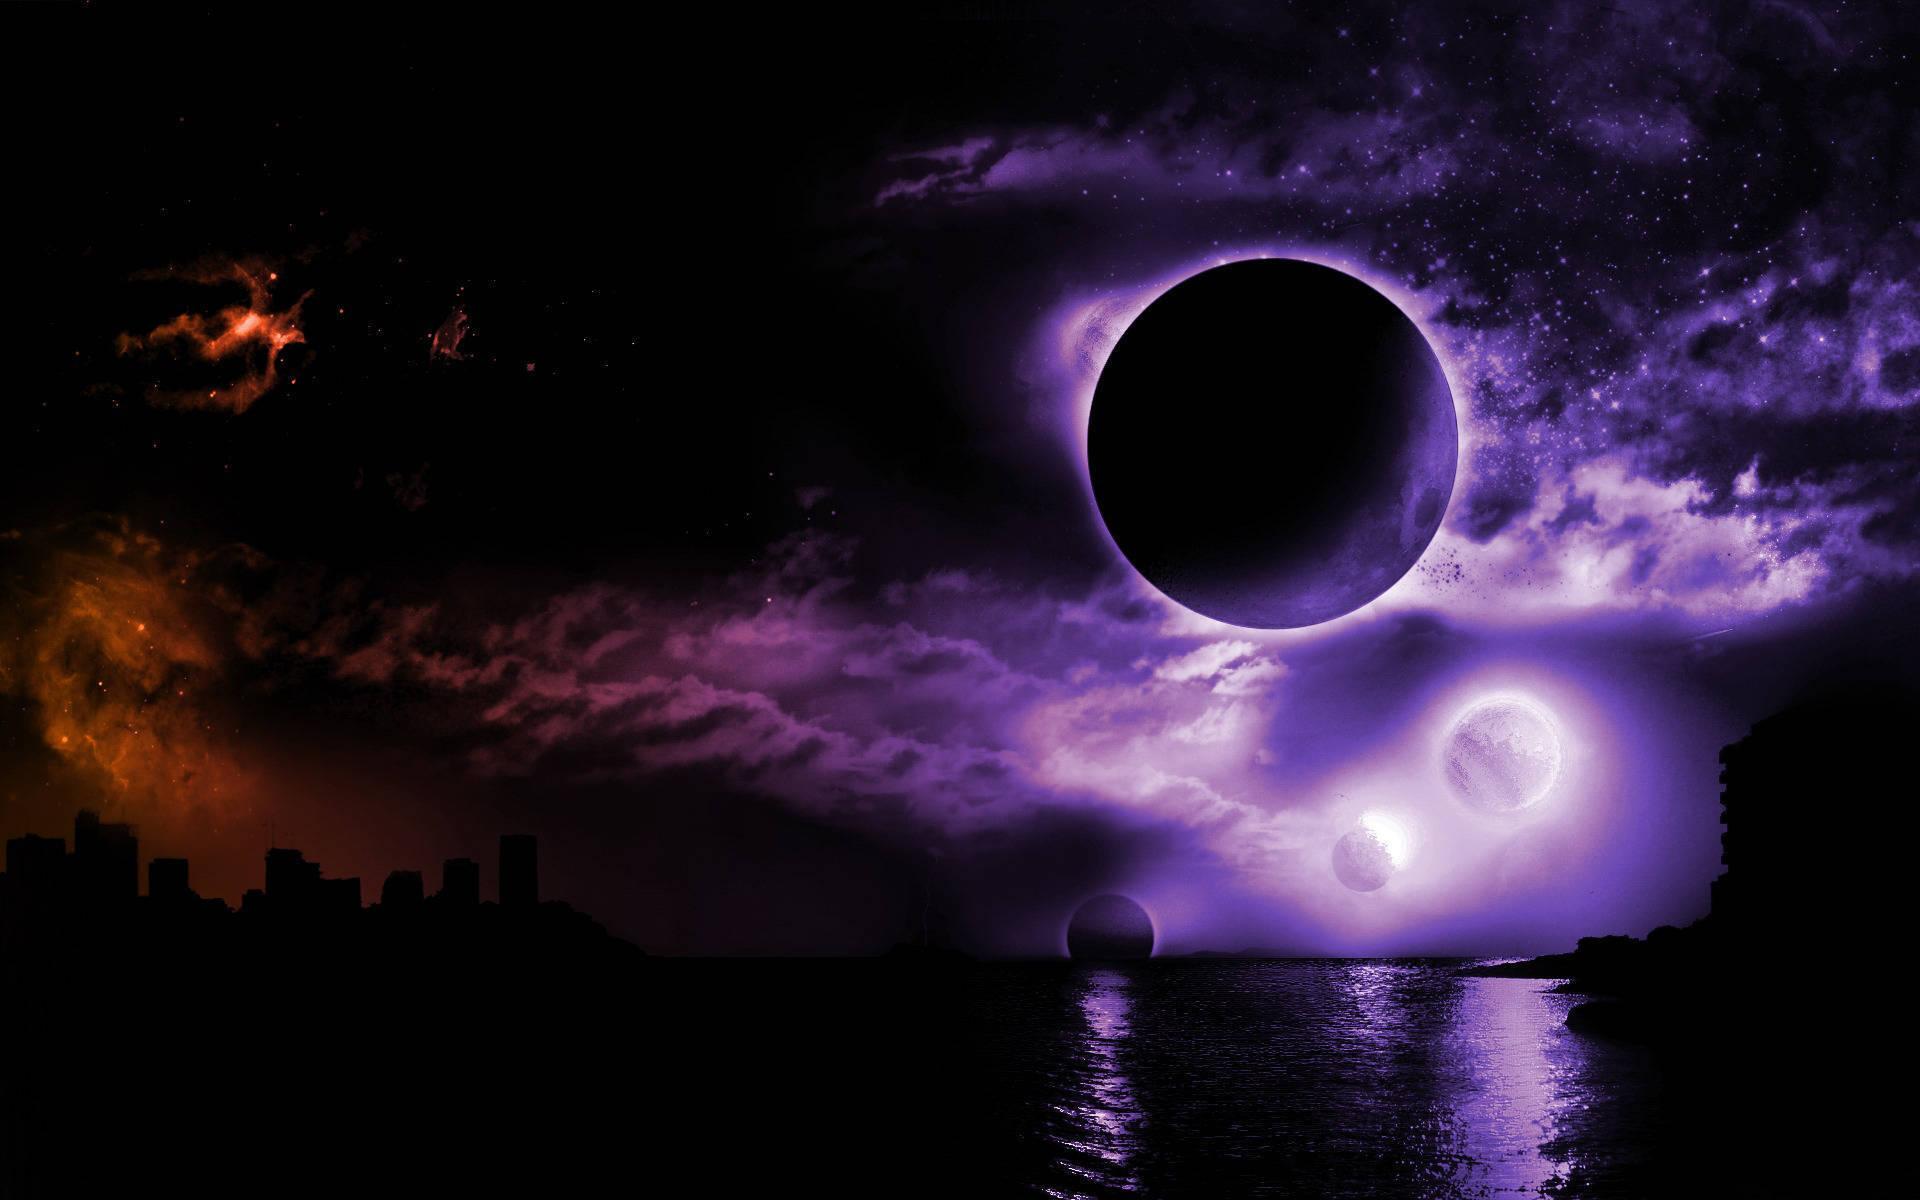 Скачать картинку Пейзаж, Небо, Ночь, Луна в телефон бесплатно.